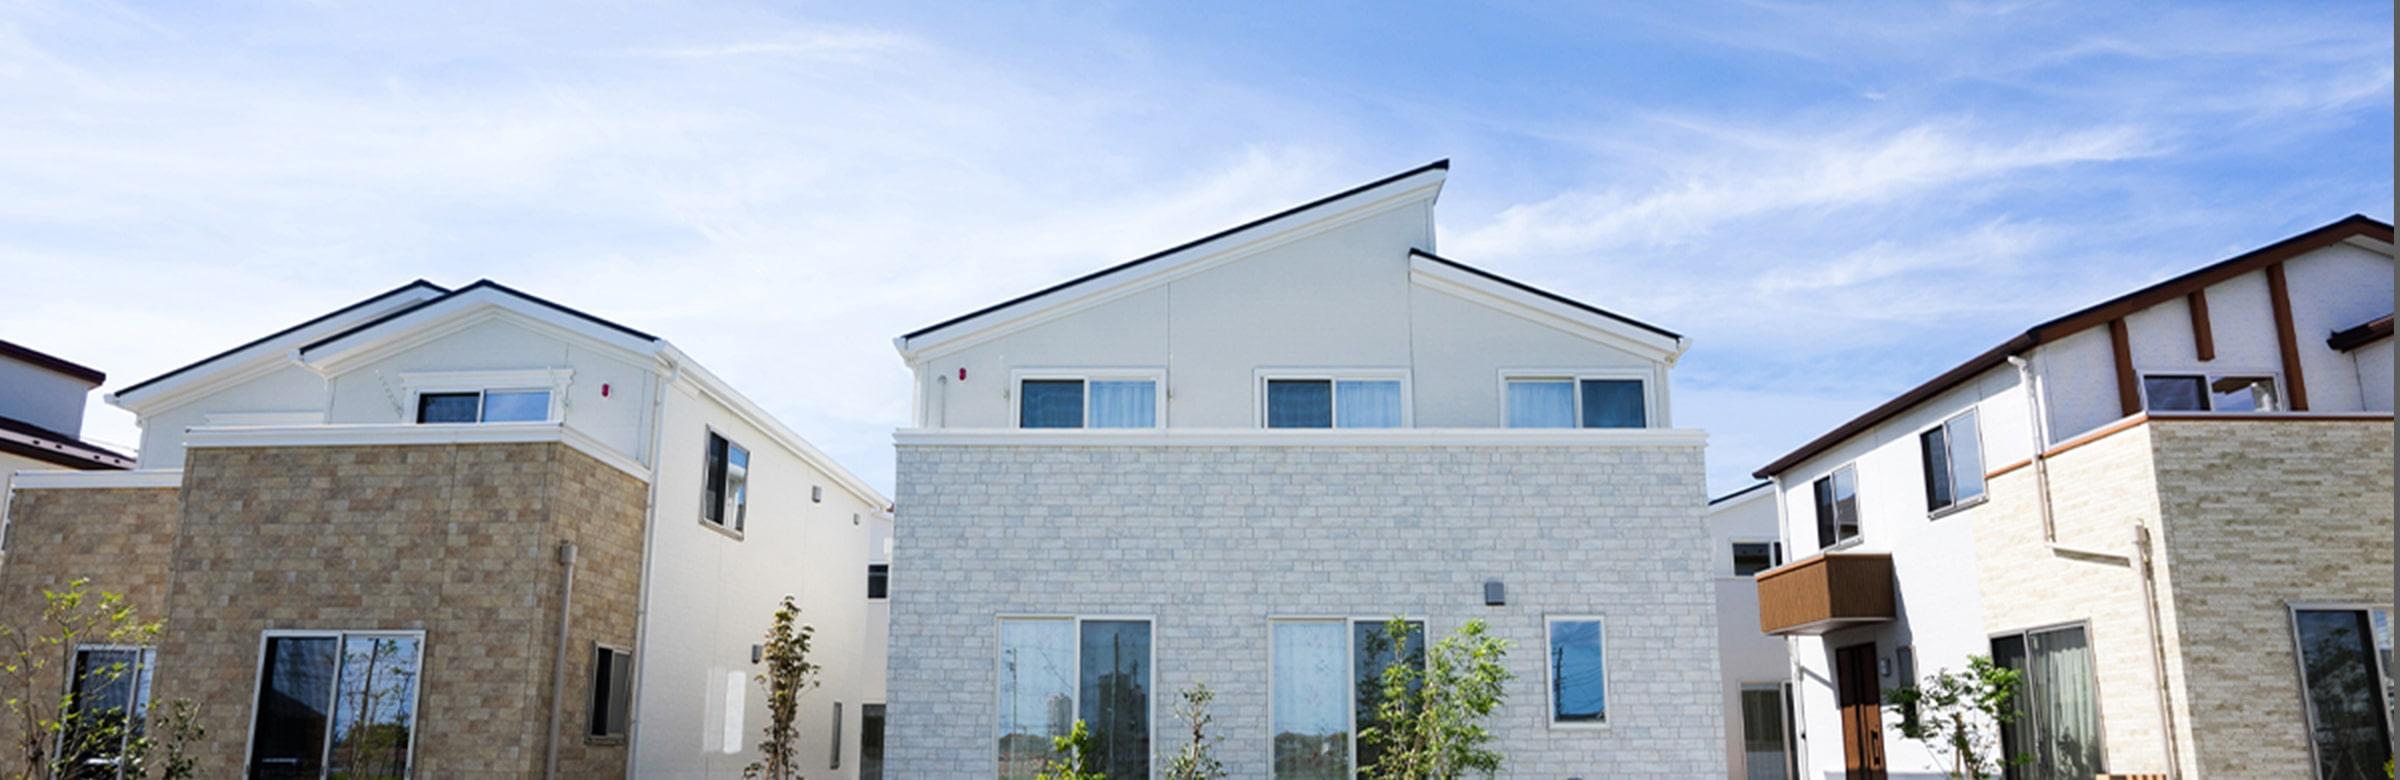 大和ハウジングの新築住宅